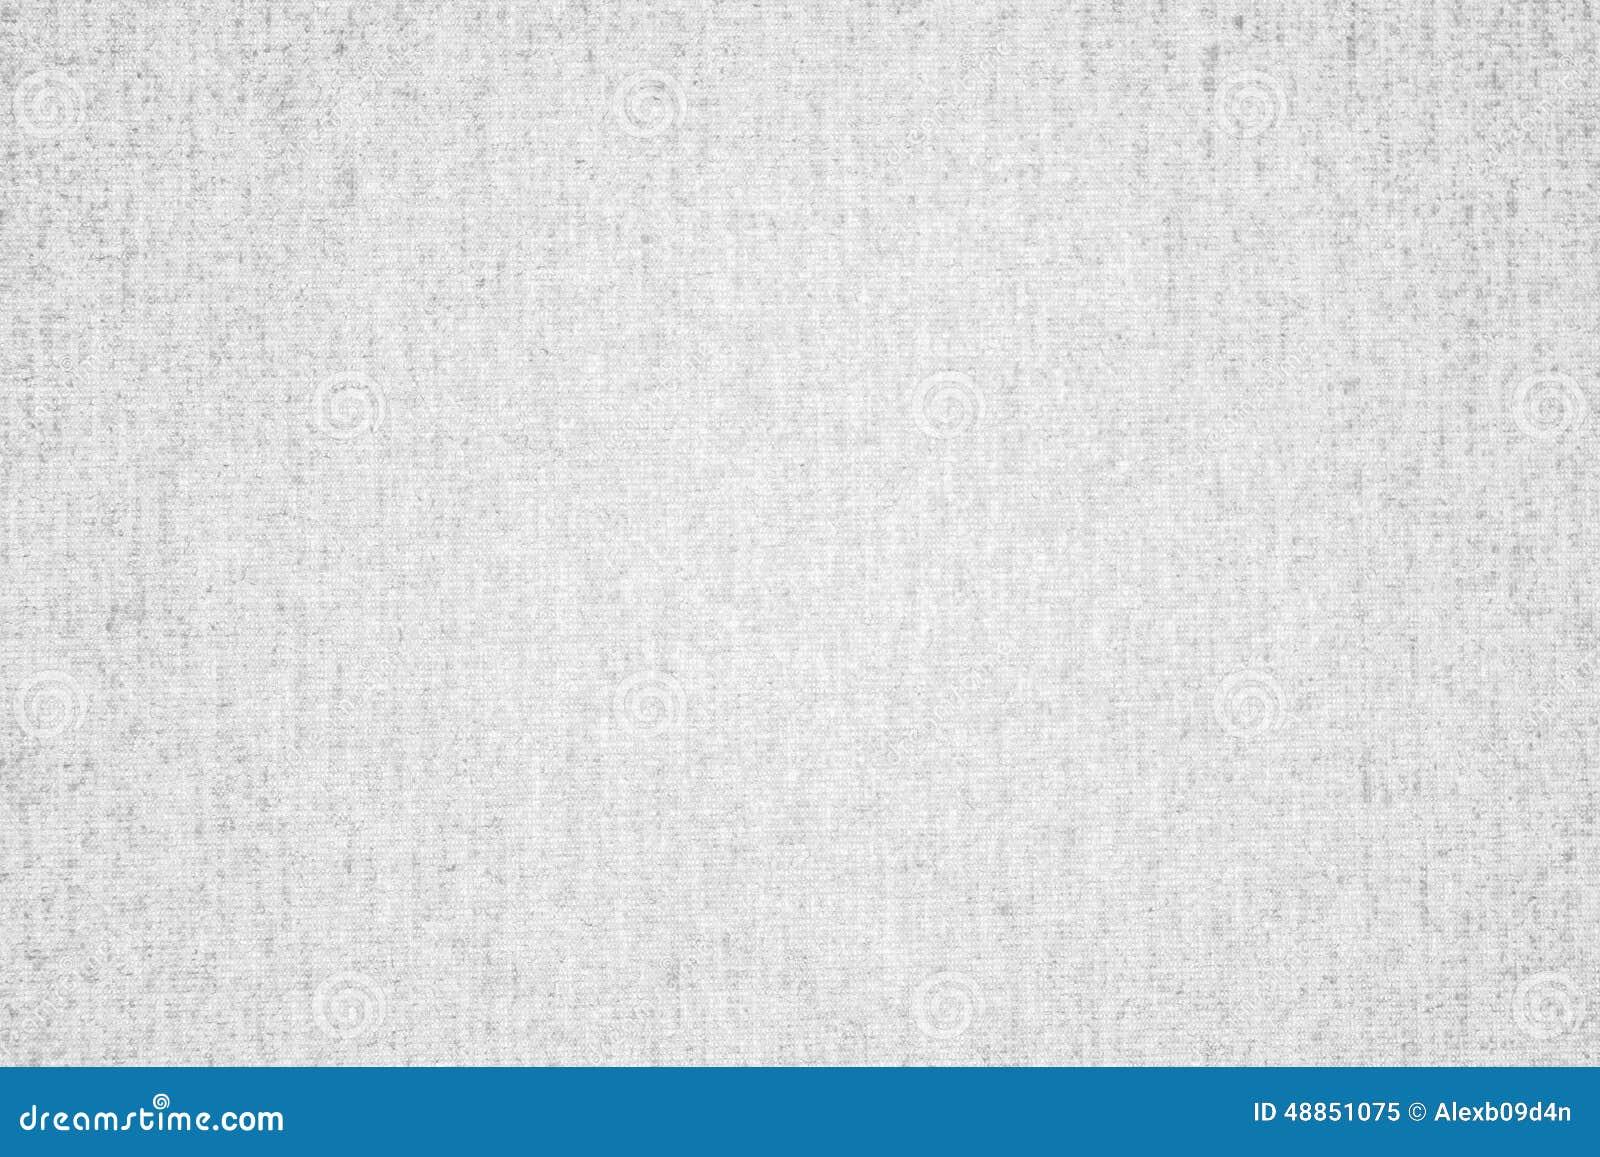 white texture fabric background stock photo 48851075 megapixl